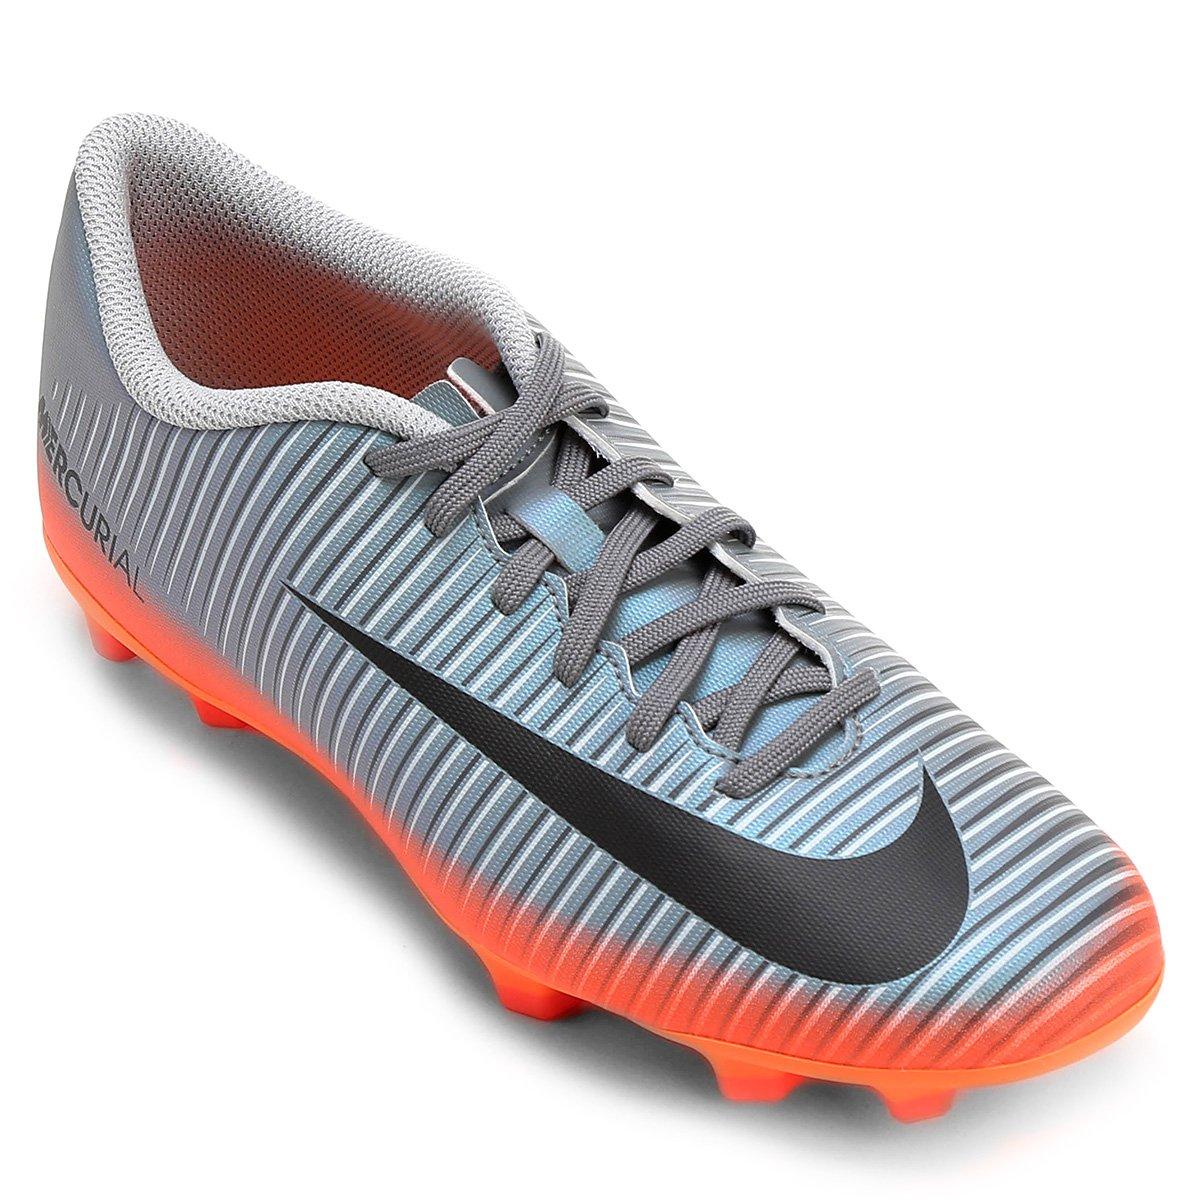 3e92fc7417 Chuteira Campo Nike Mercurial Vortex 3 CR7 FG - Compre Agora